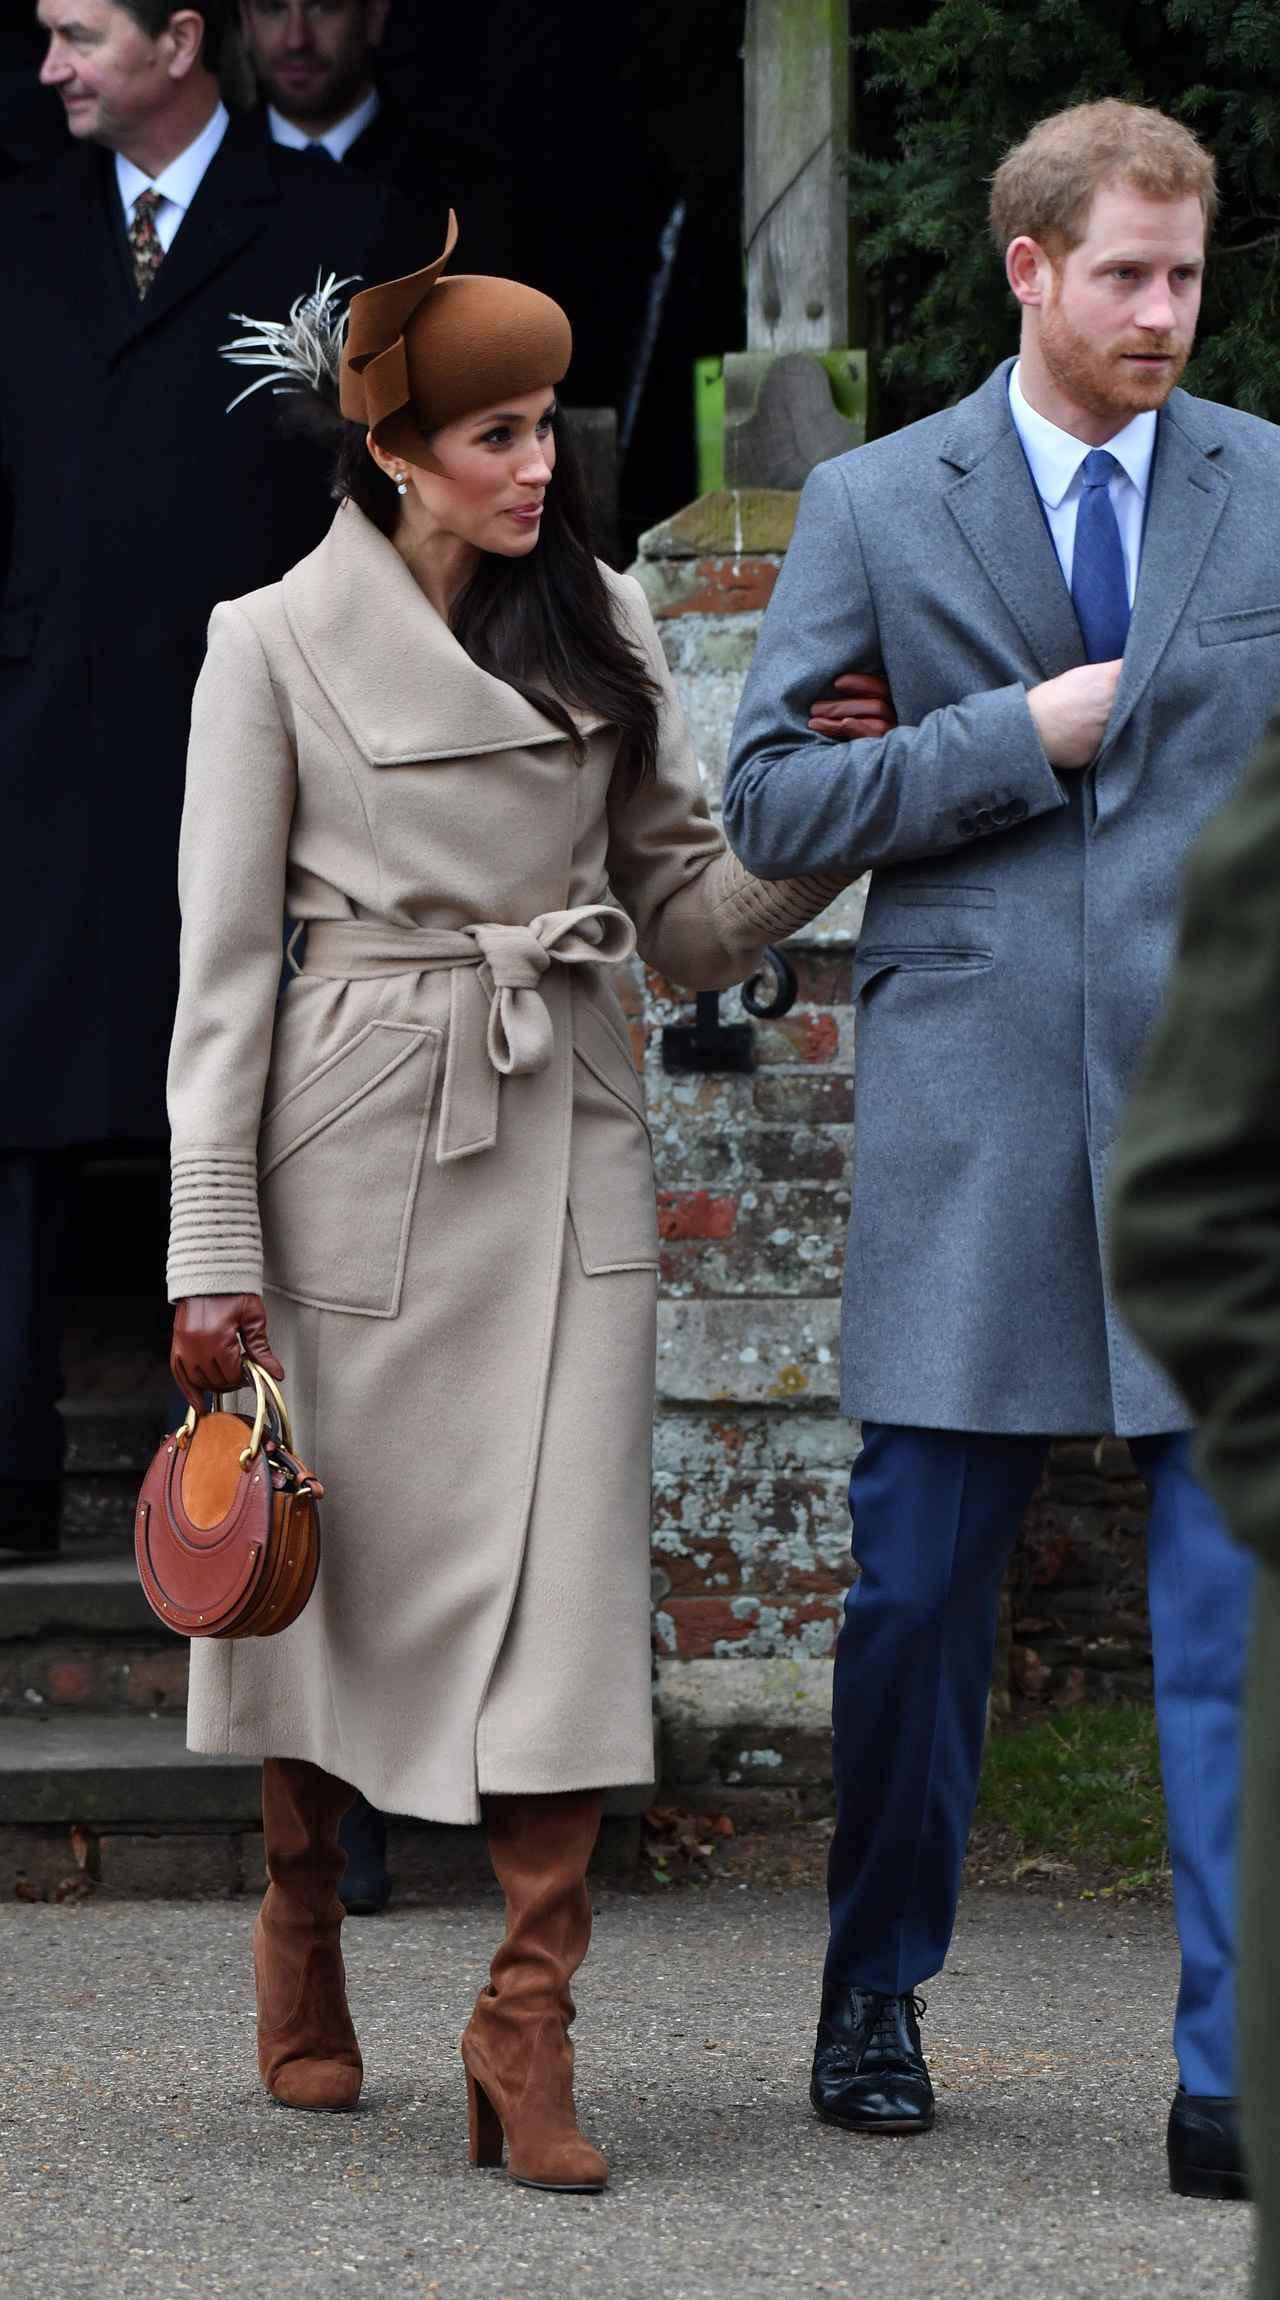 画像2: キャサリン妃とのショットも!ヘンリー王子の婚約者メーガン、英王室の恒例行事に参加